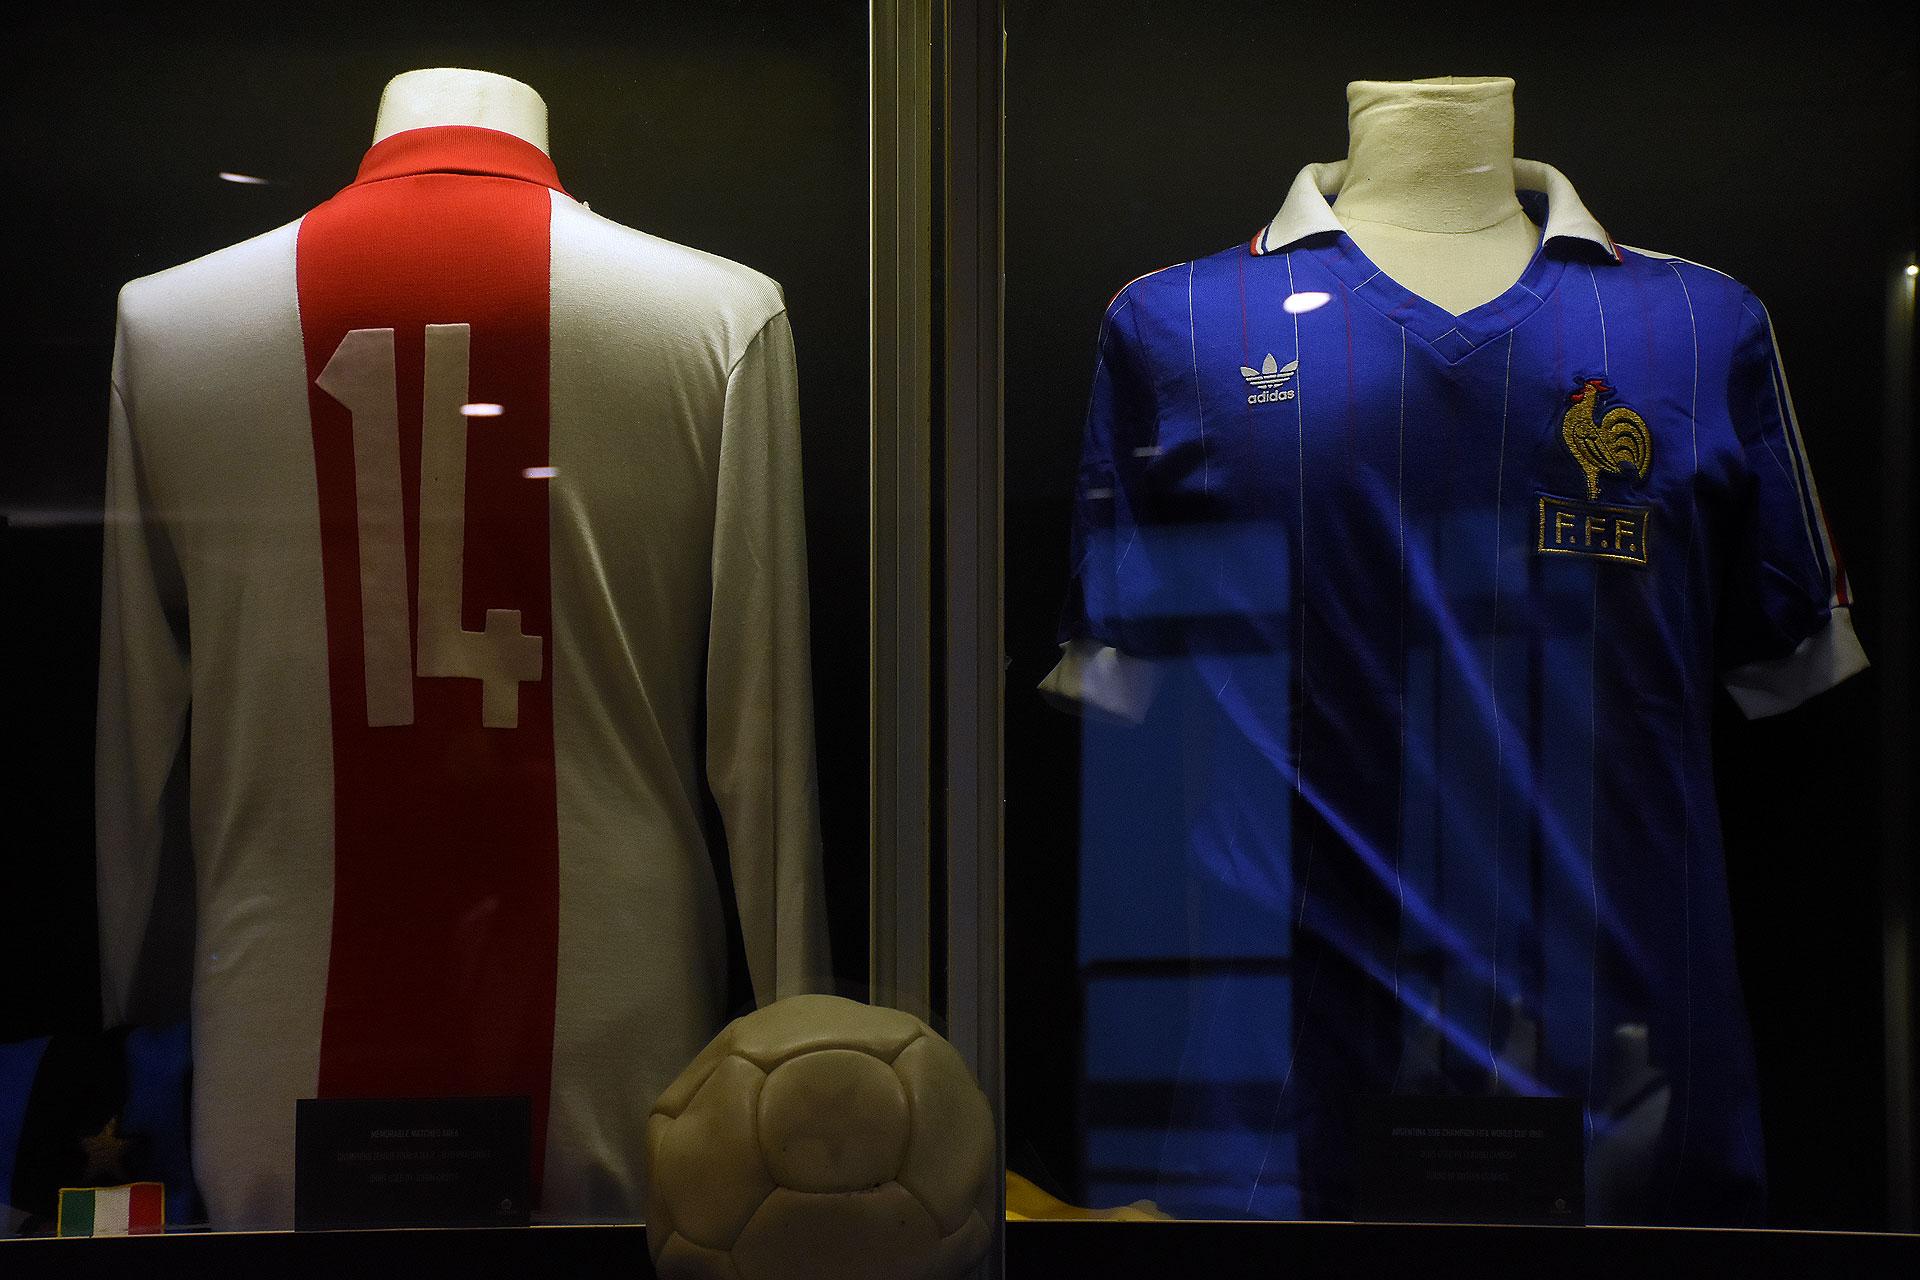 Otra perlita del holandés Cruyff campeón de la Champions League con el Ajax en 1972; a su derecha está la del francés Michel Platini en el Mundial de España 82 (Nicolas Stulberg)